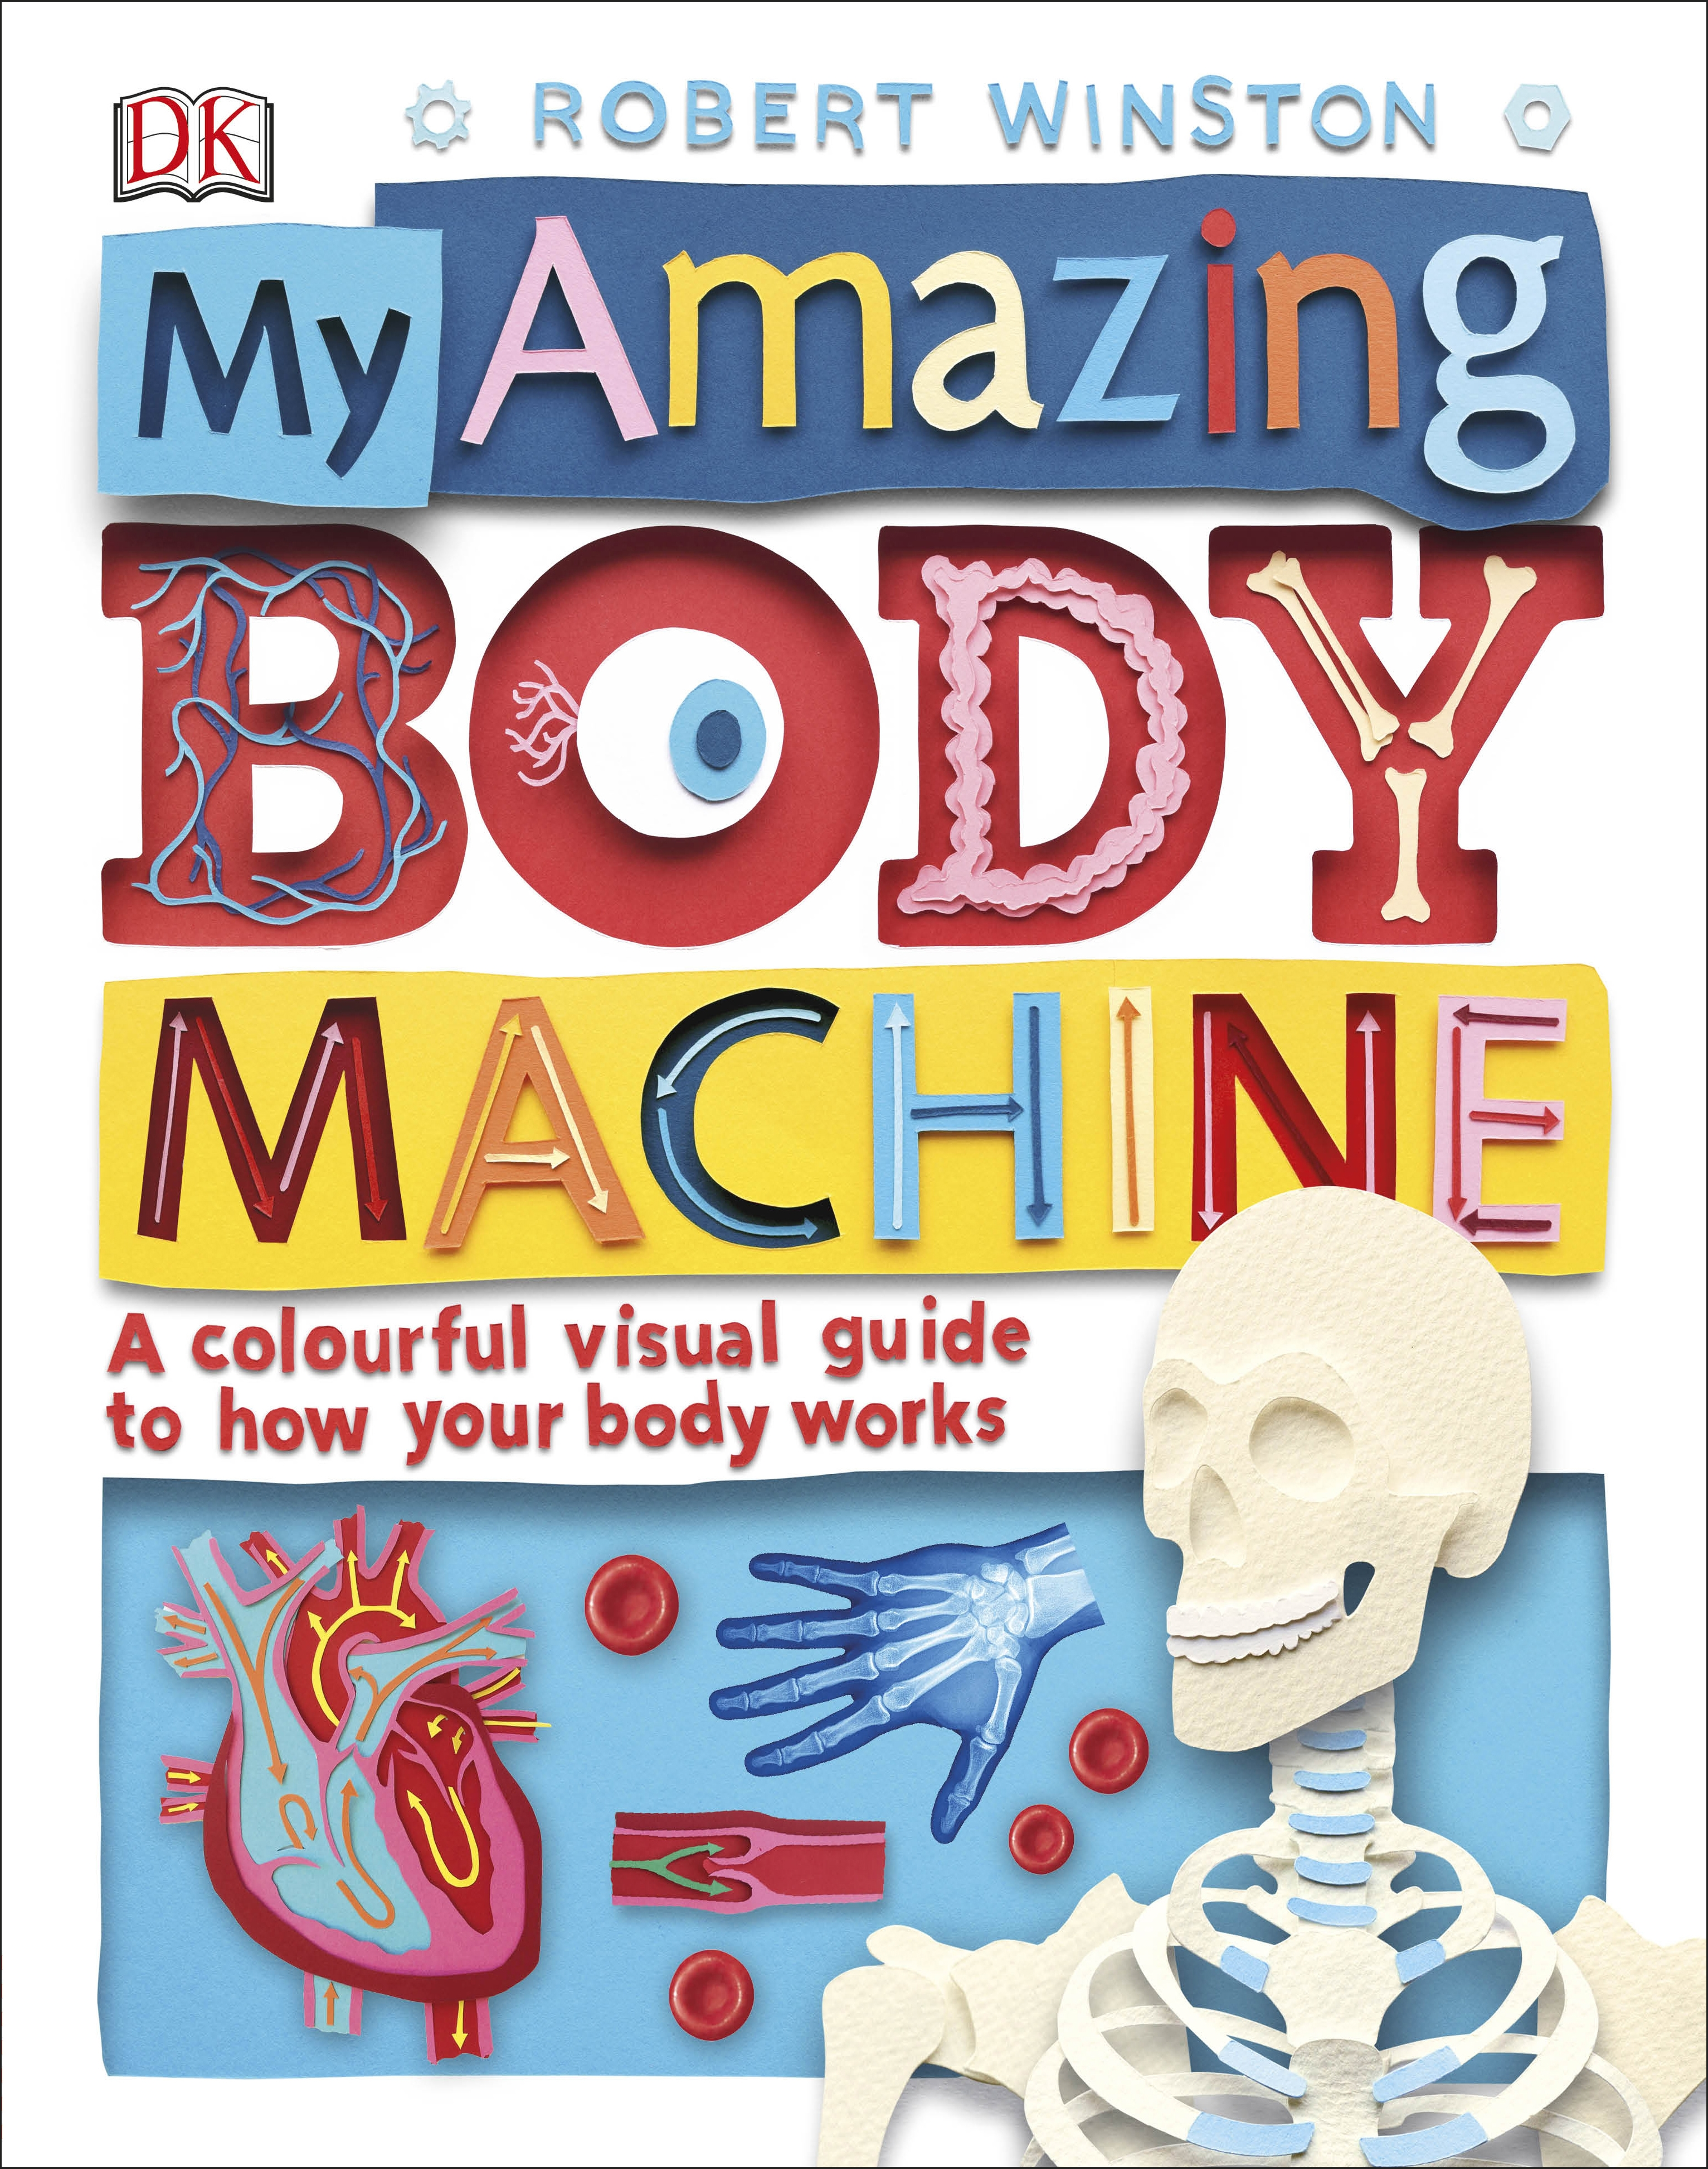 My Amazing: My Amazing Body Machine By DK